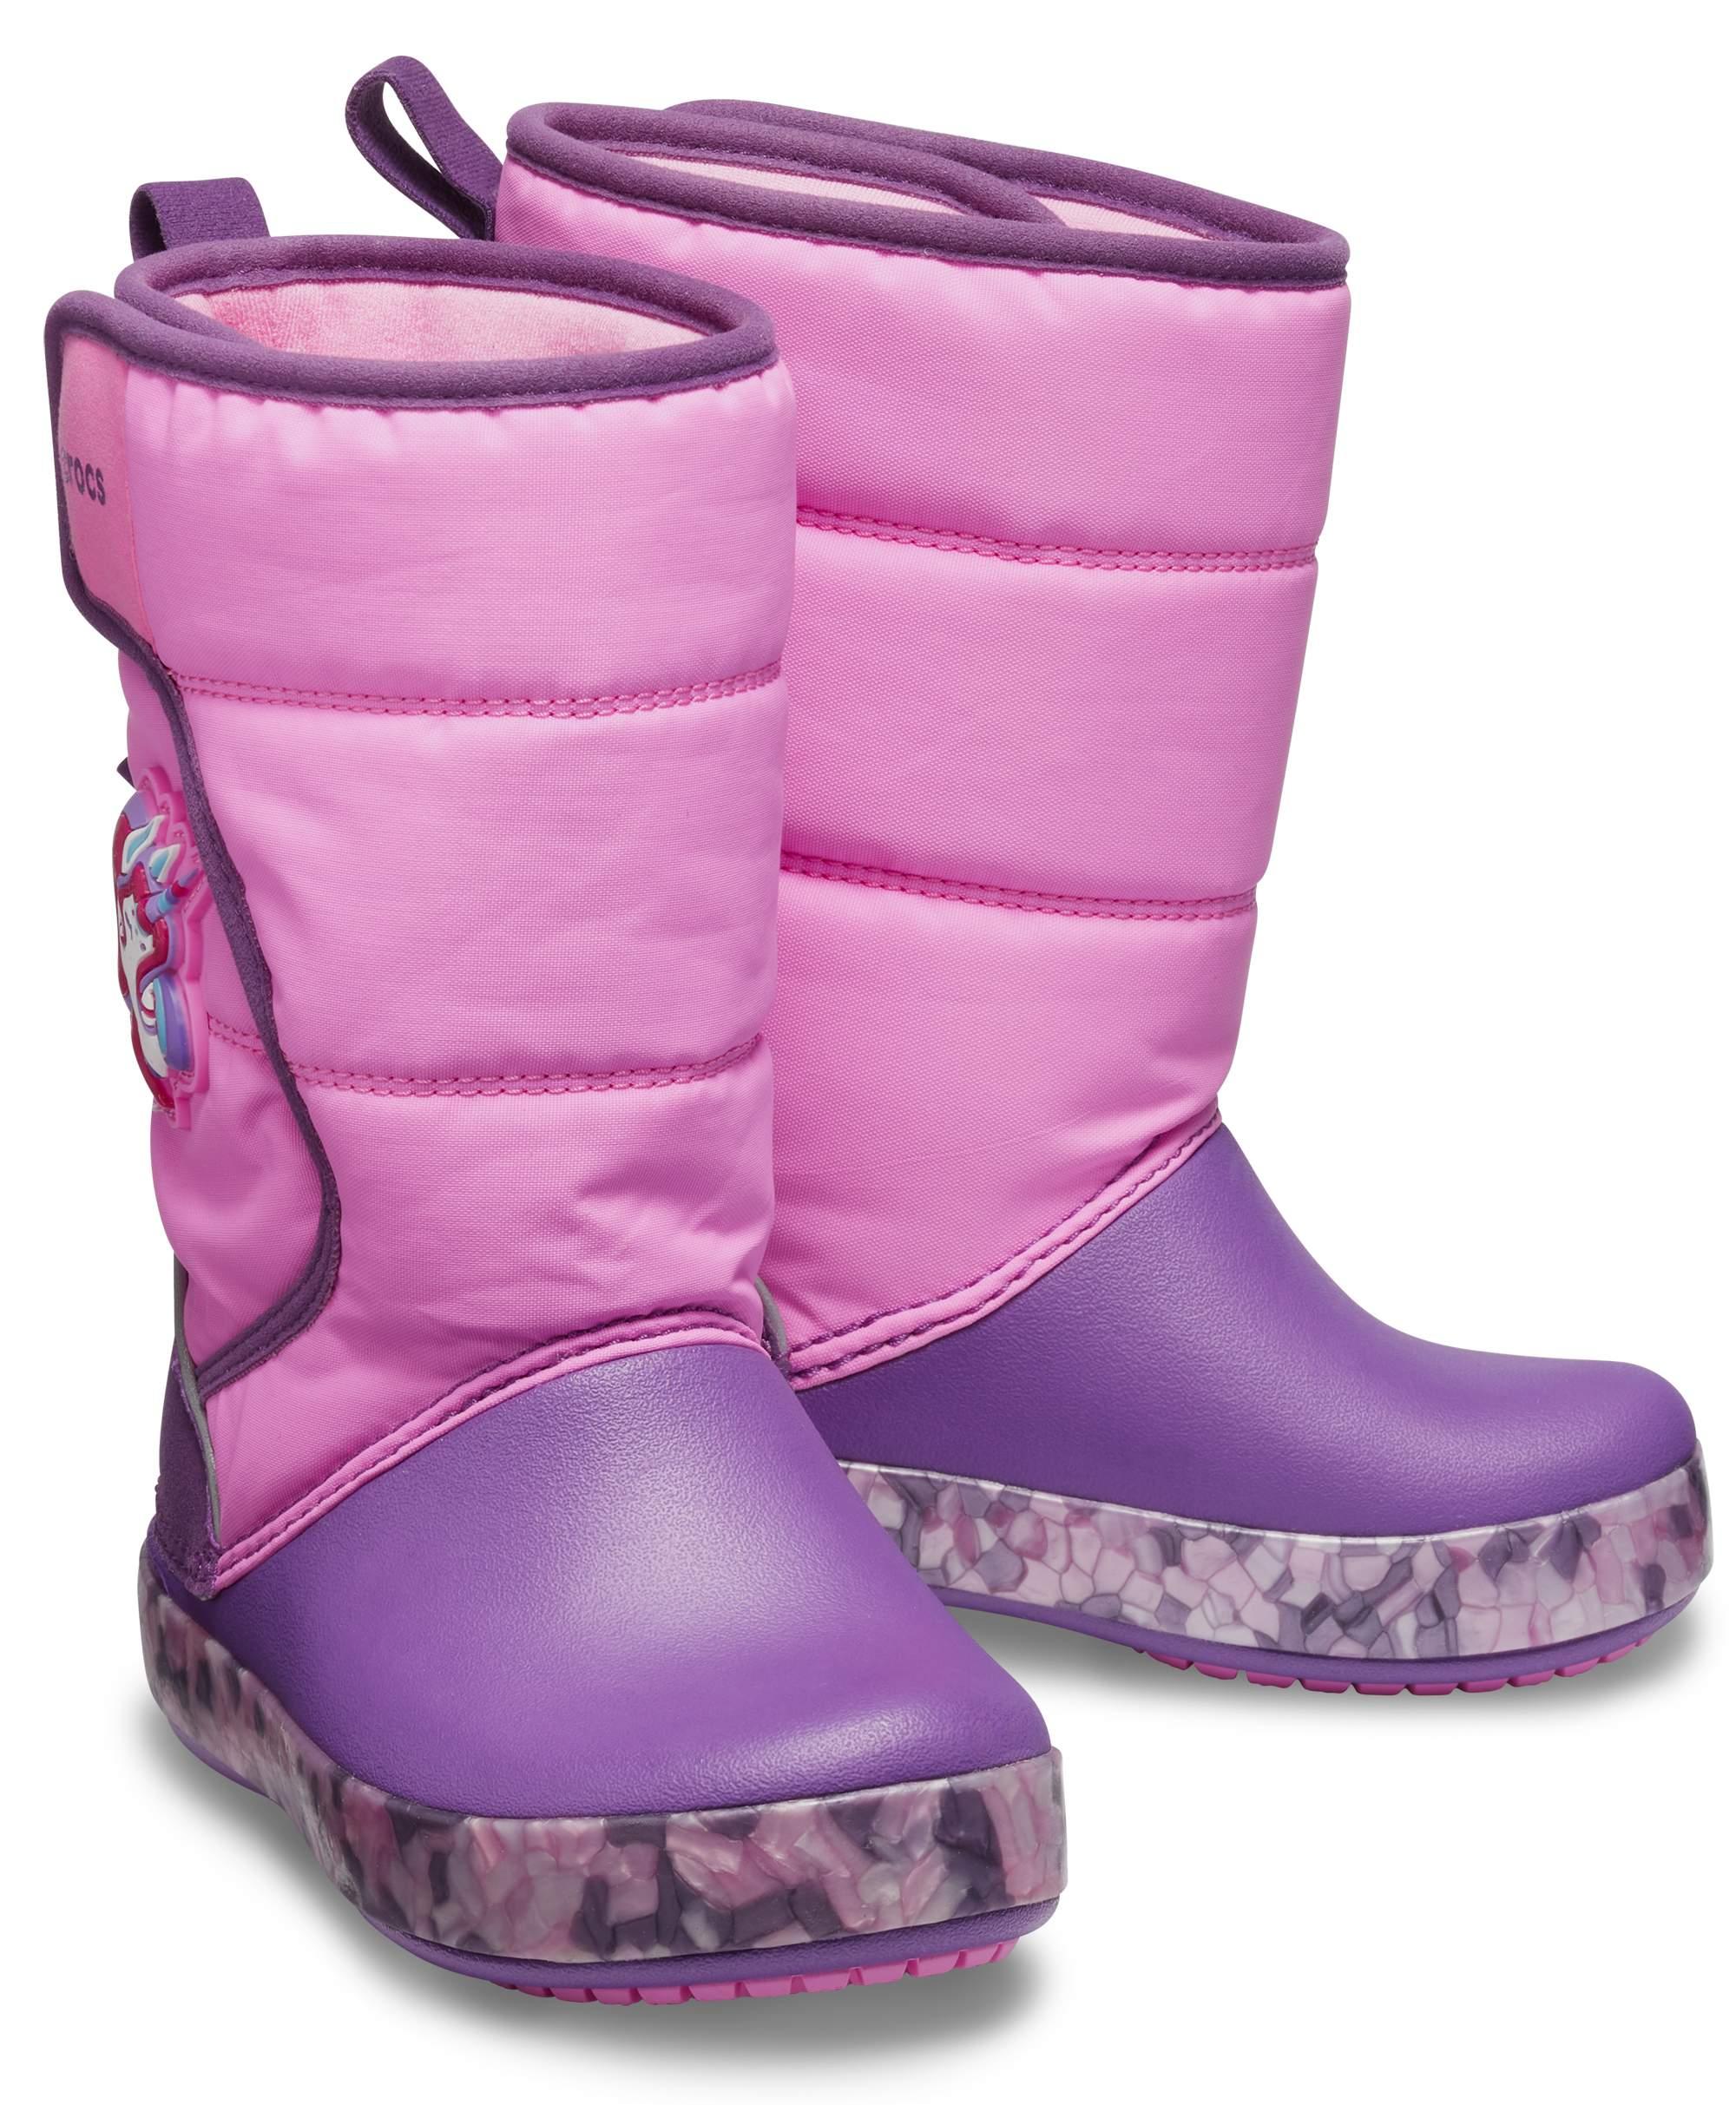 【クロックス公式】 クロックス ファン ラブ ユニコーン ライツ ブーツ キッズ Kids' Crocs Fun Lab Unicorn Lights Boot ユニセックス、キッズ、子供用、男の子、女の子、男女兼用 ピンク/ピンク 19cm,19.5cm,20cm,21cm boot ブーツ